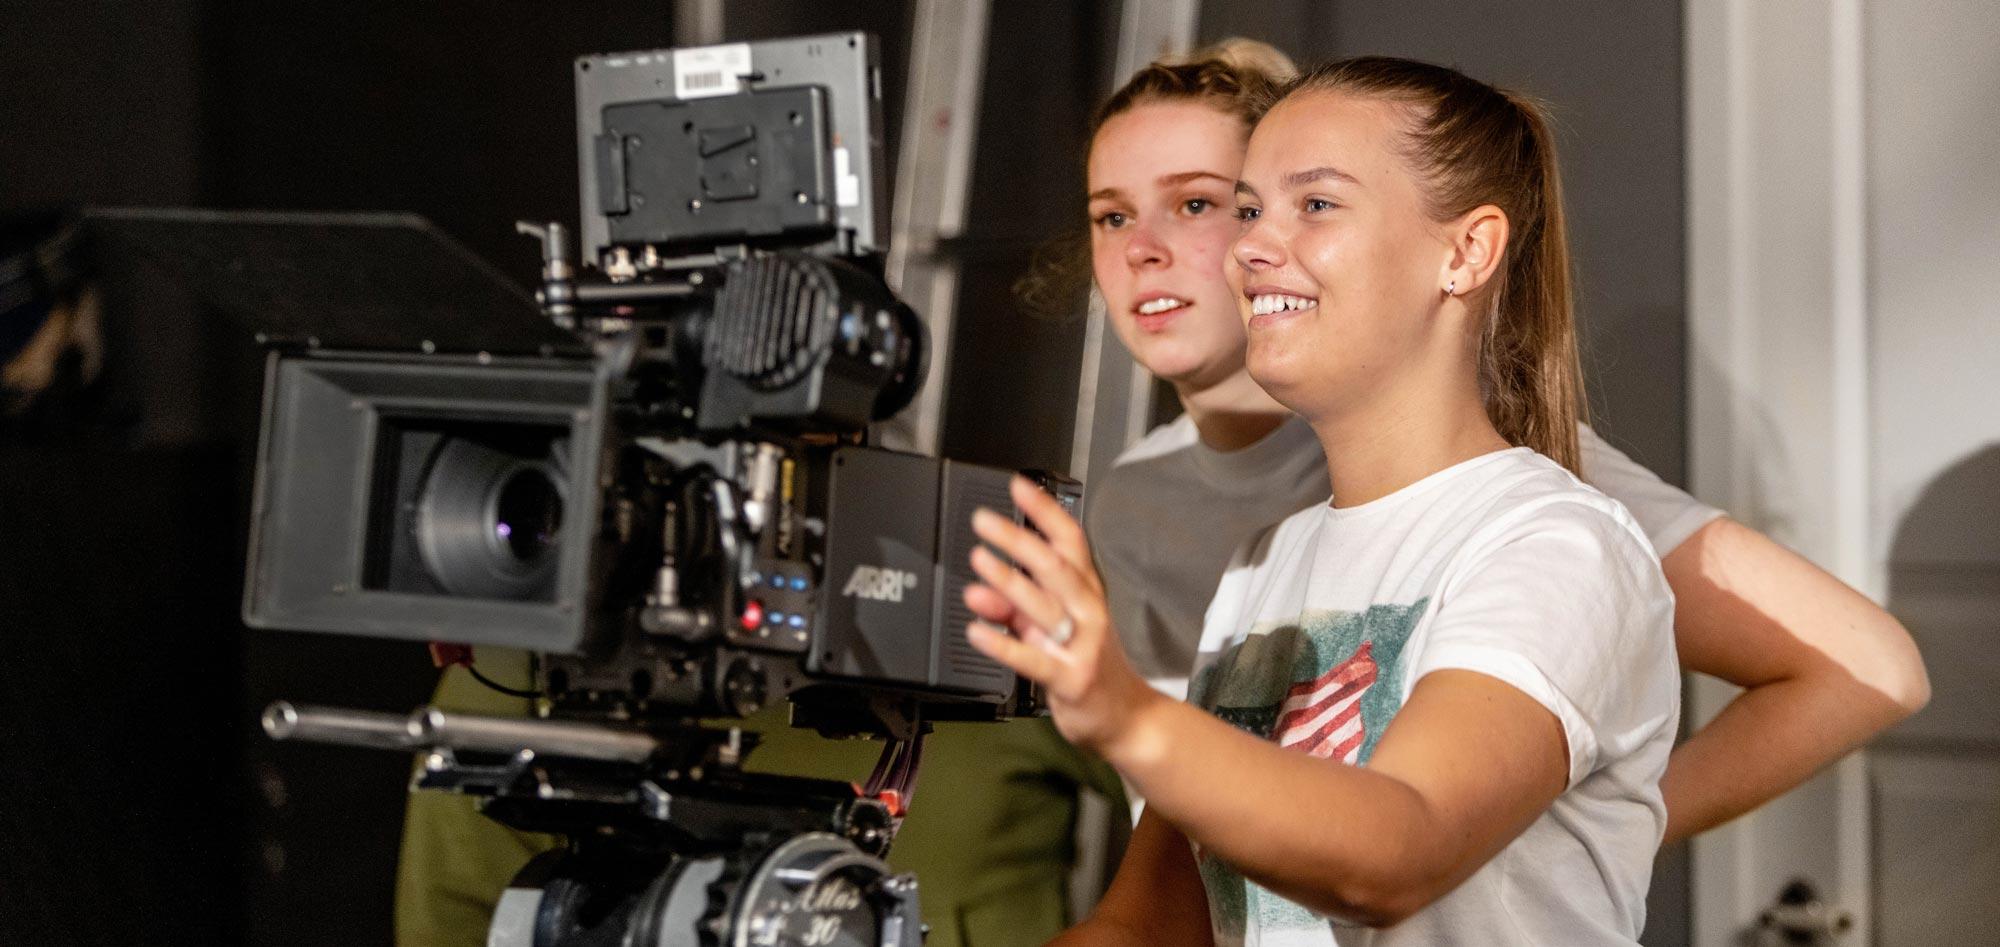 Film prodution, vocational education